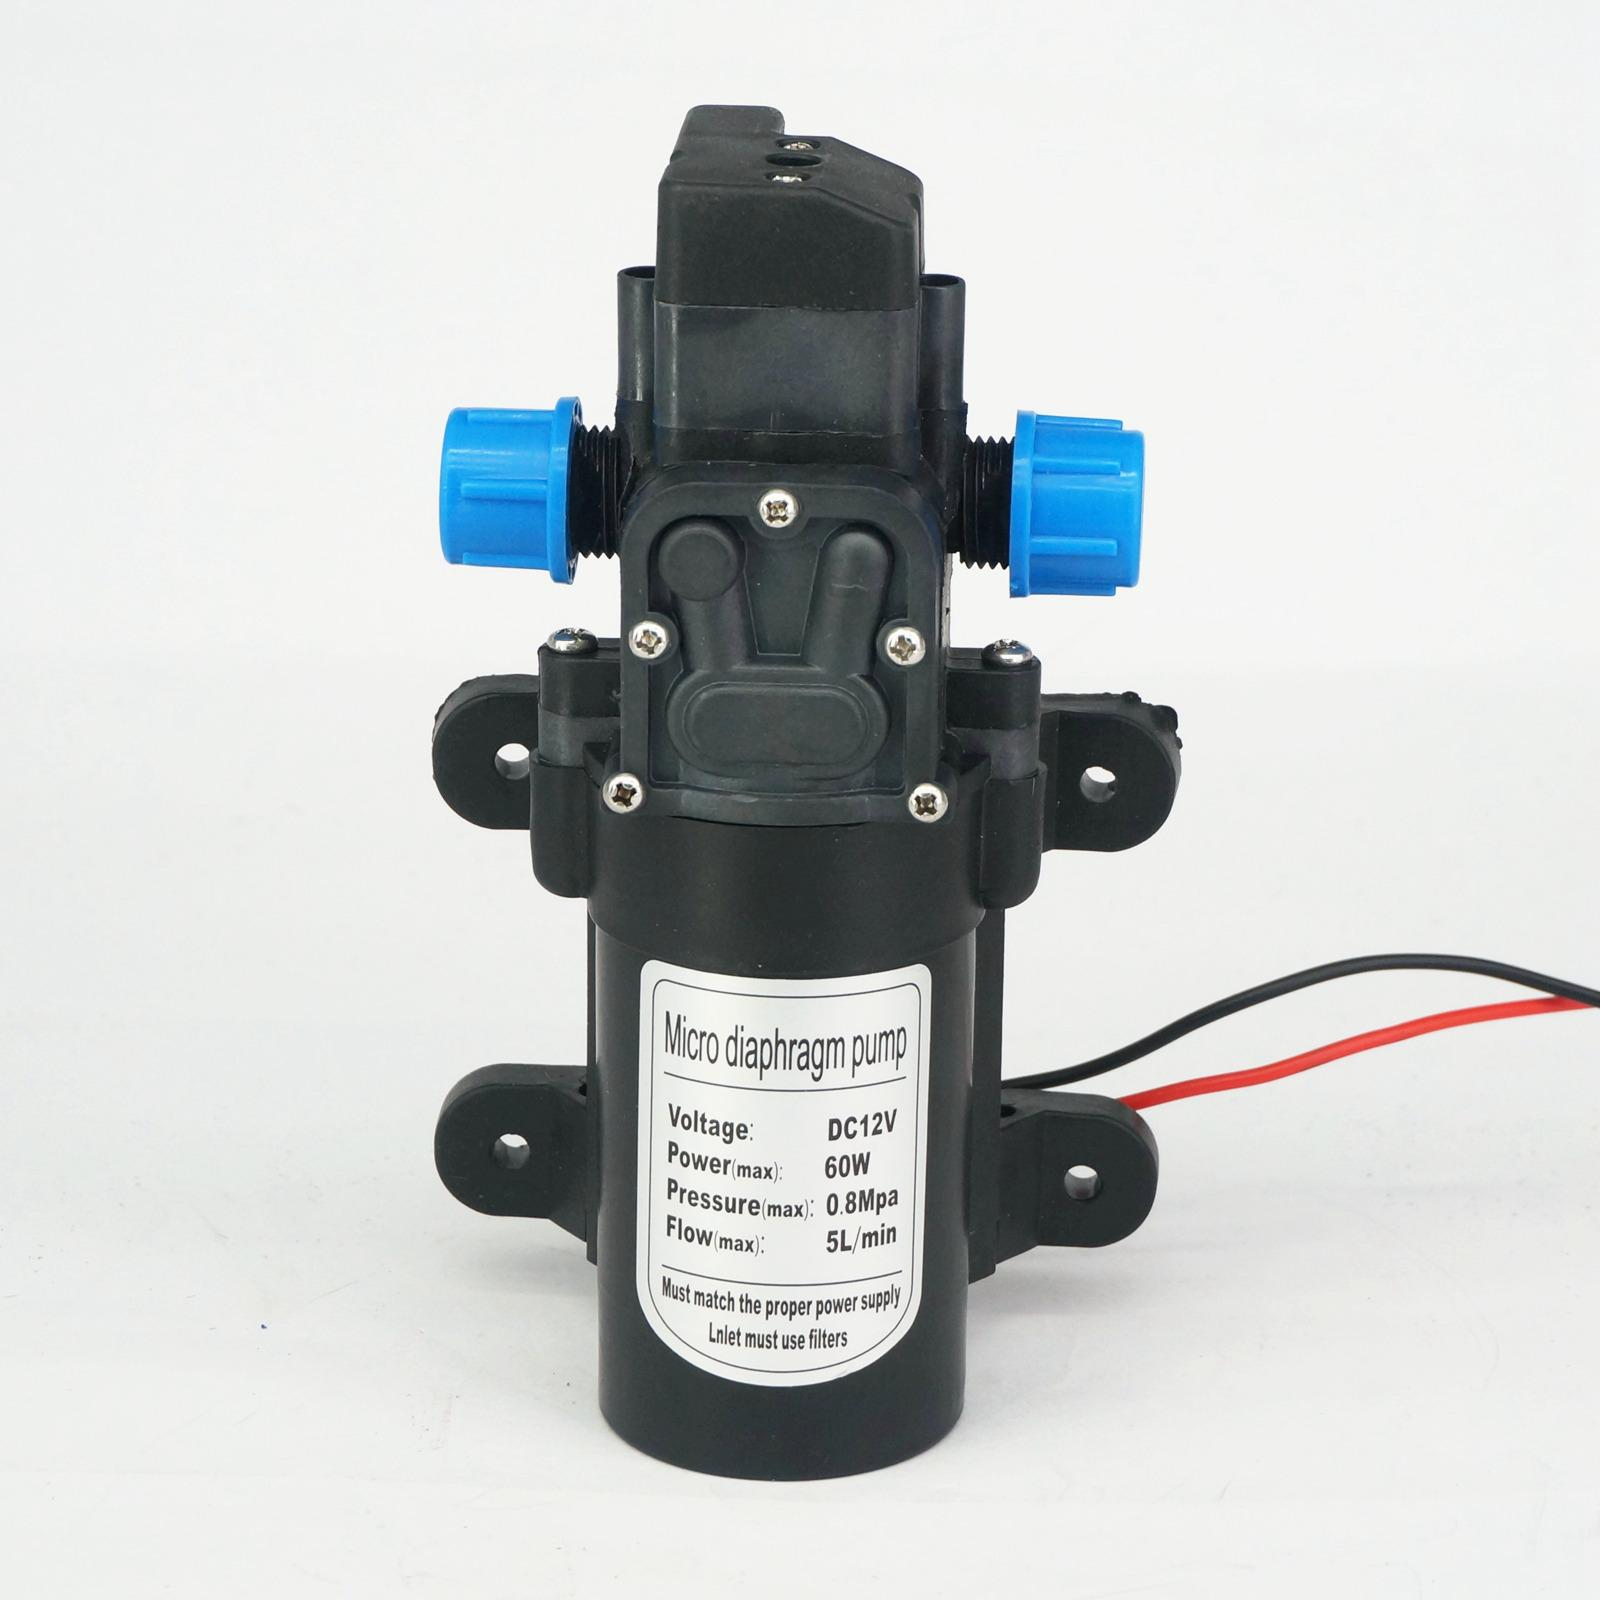 Aktiv Dc 12 V 60 Watt Micro Membran Wasserpumpe Selbstansaugende Druckerhöhungspumpe Automatische Schalter 300l/h Y2 Eine Hohe Bewunderung Gewinnen Pumpen